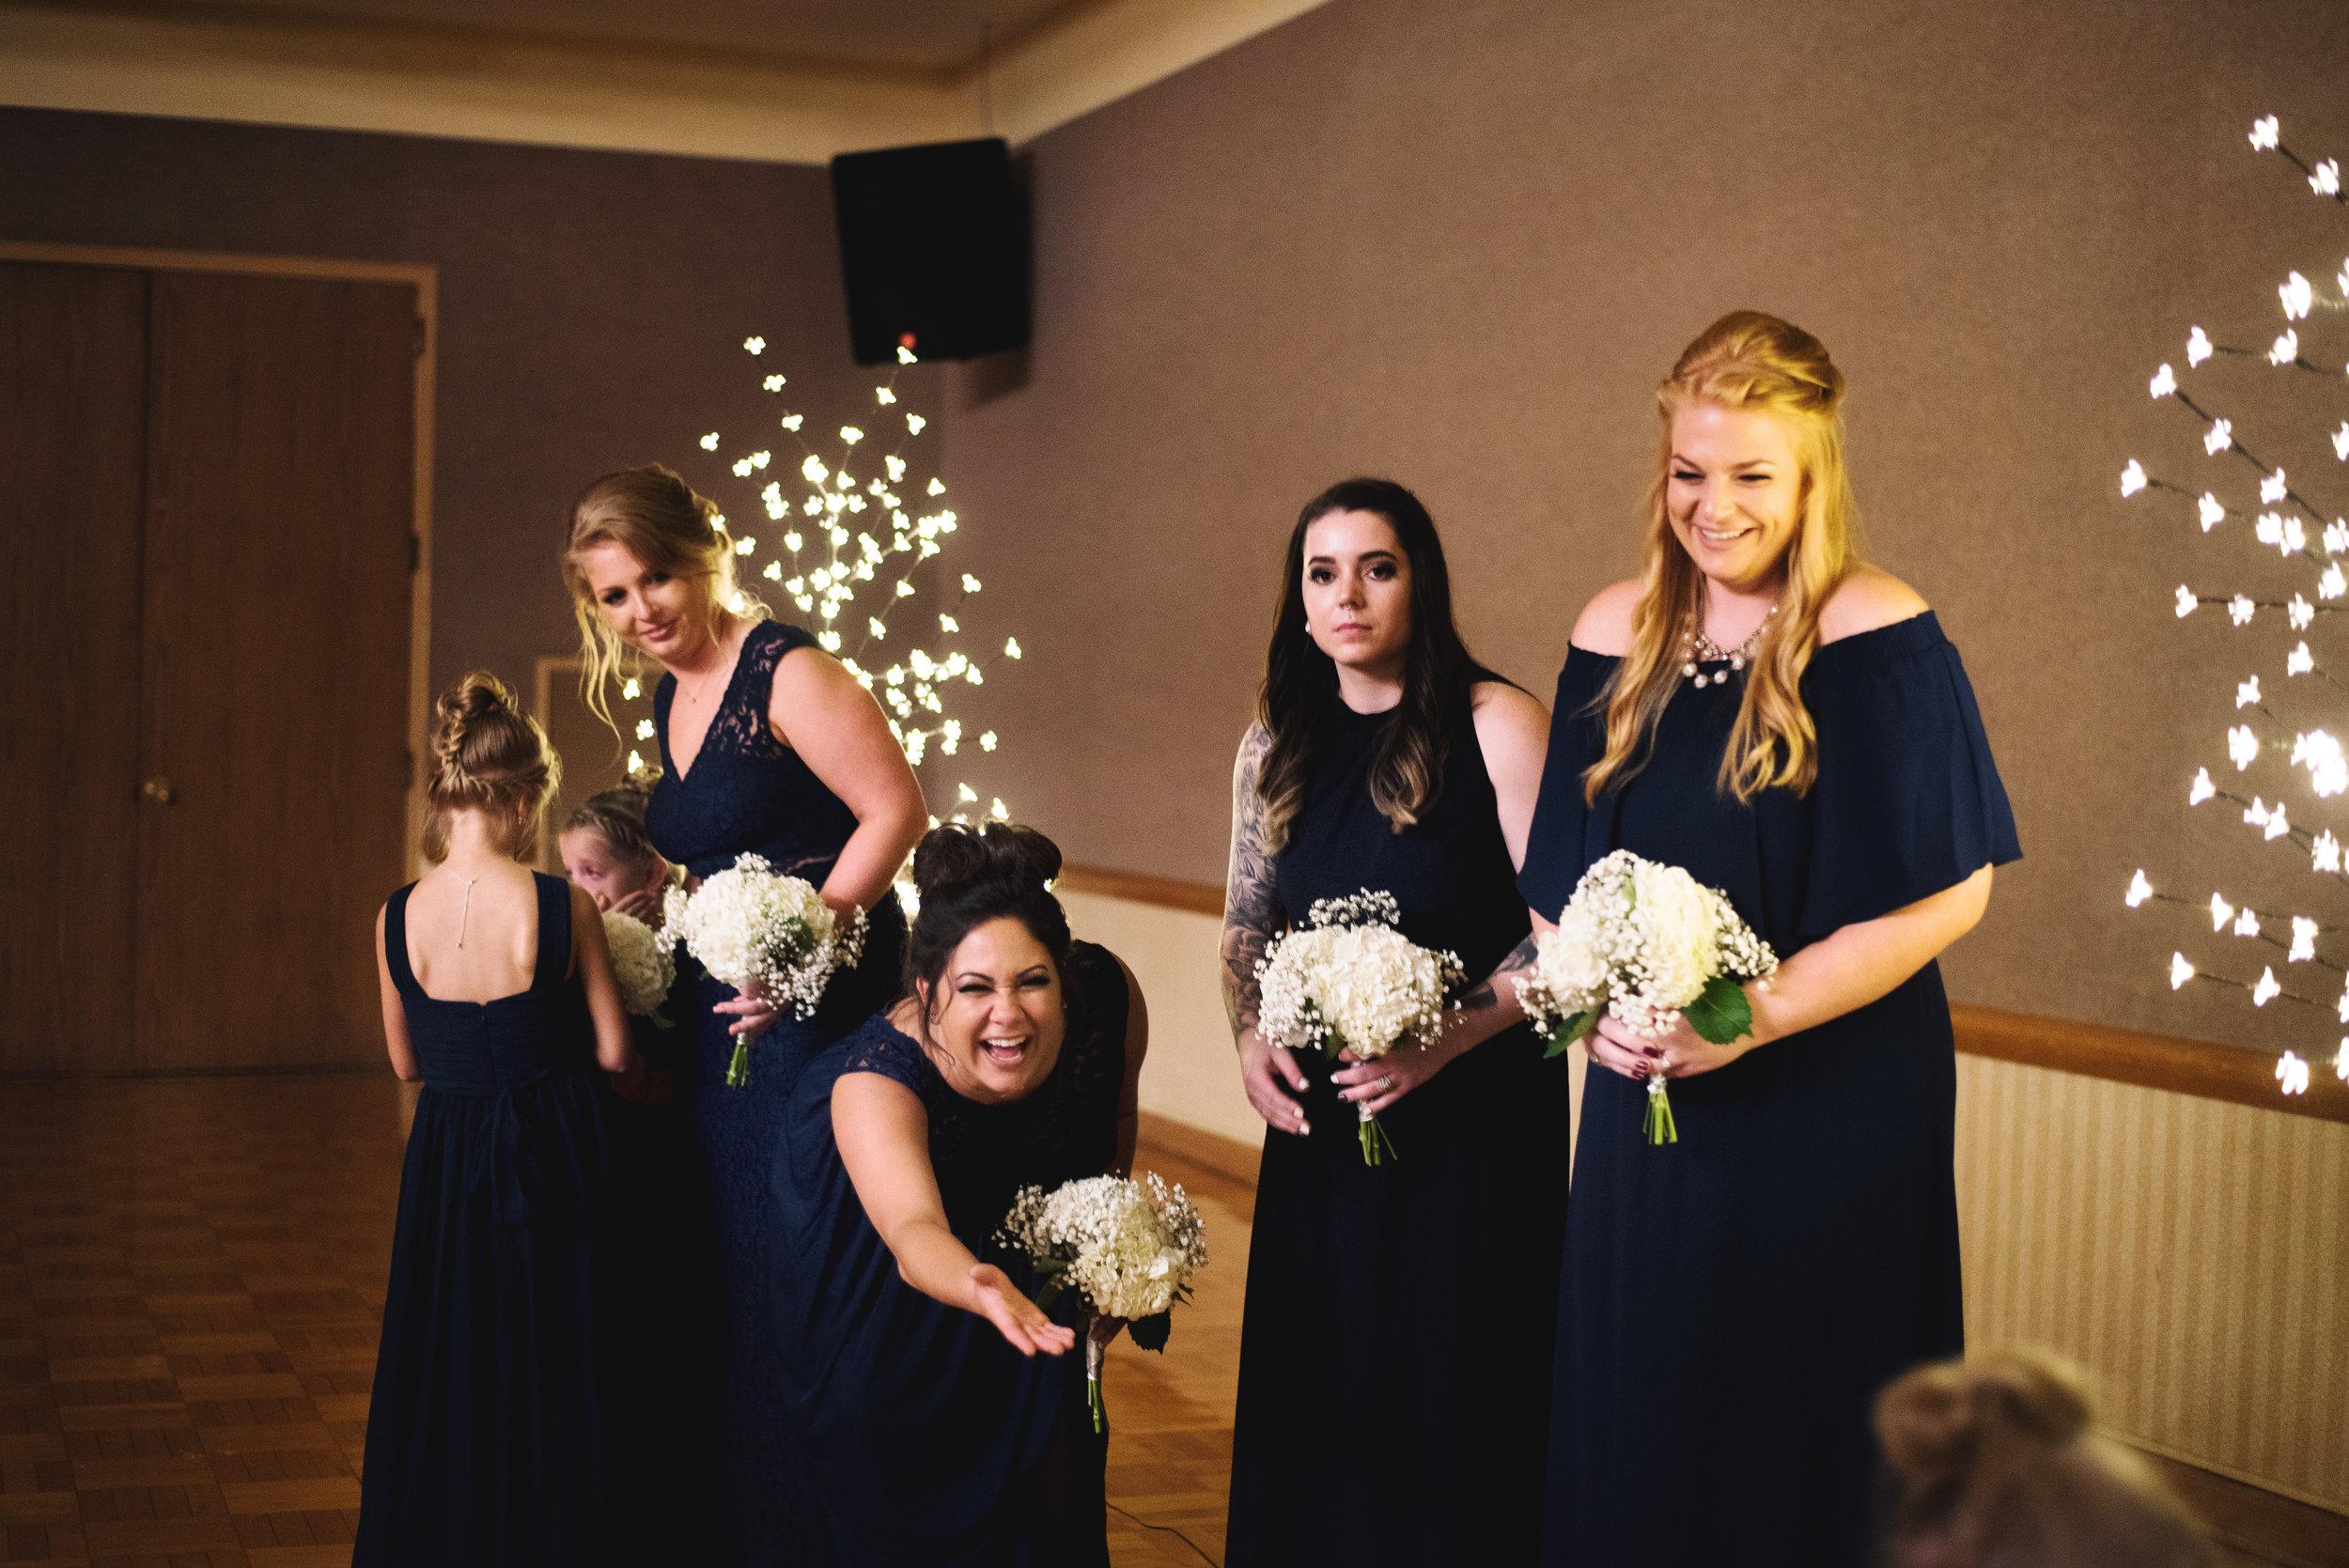 King-Northern-Illinois-University-Wedding060.jpg